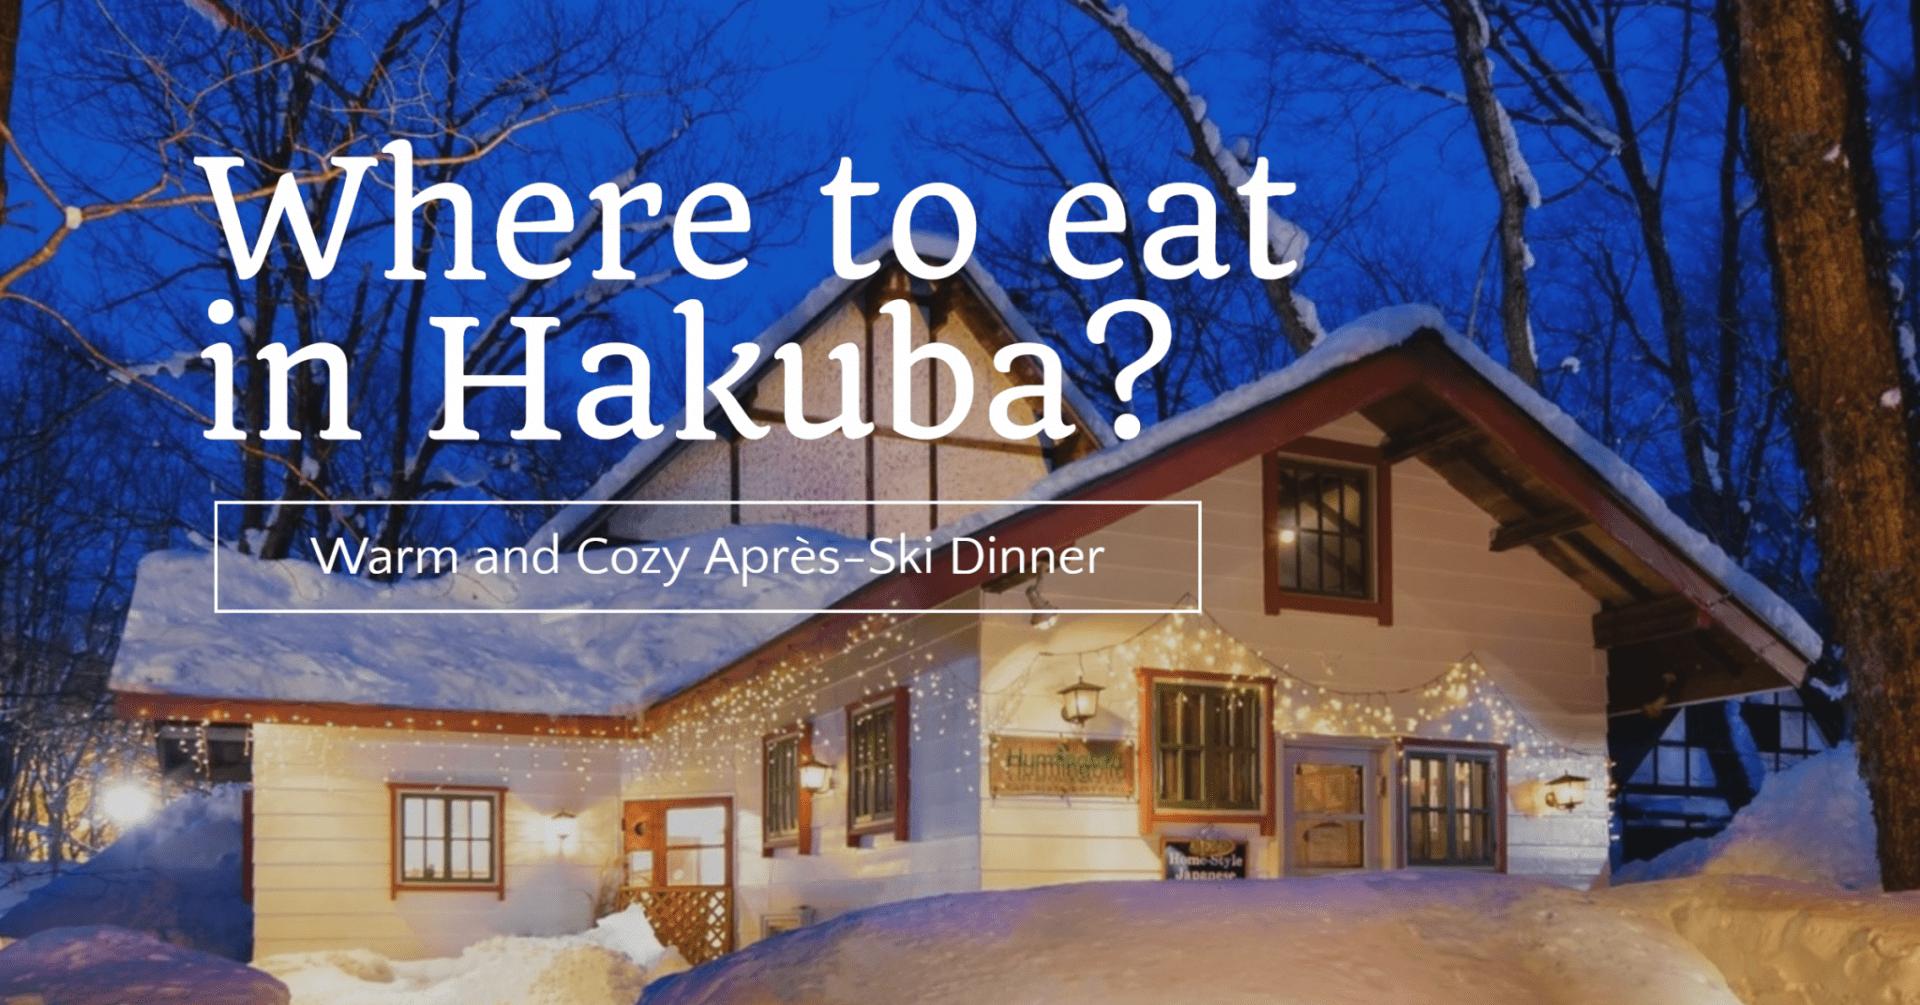 享受白馬最頂級的美食、飲品和溫泉 – 滑雪後的娛樂活動